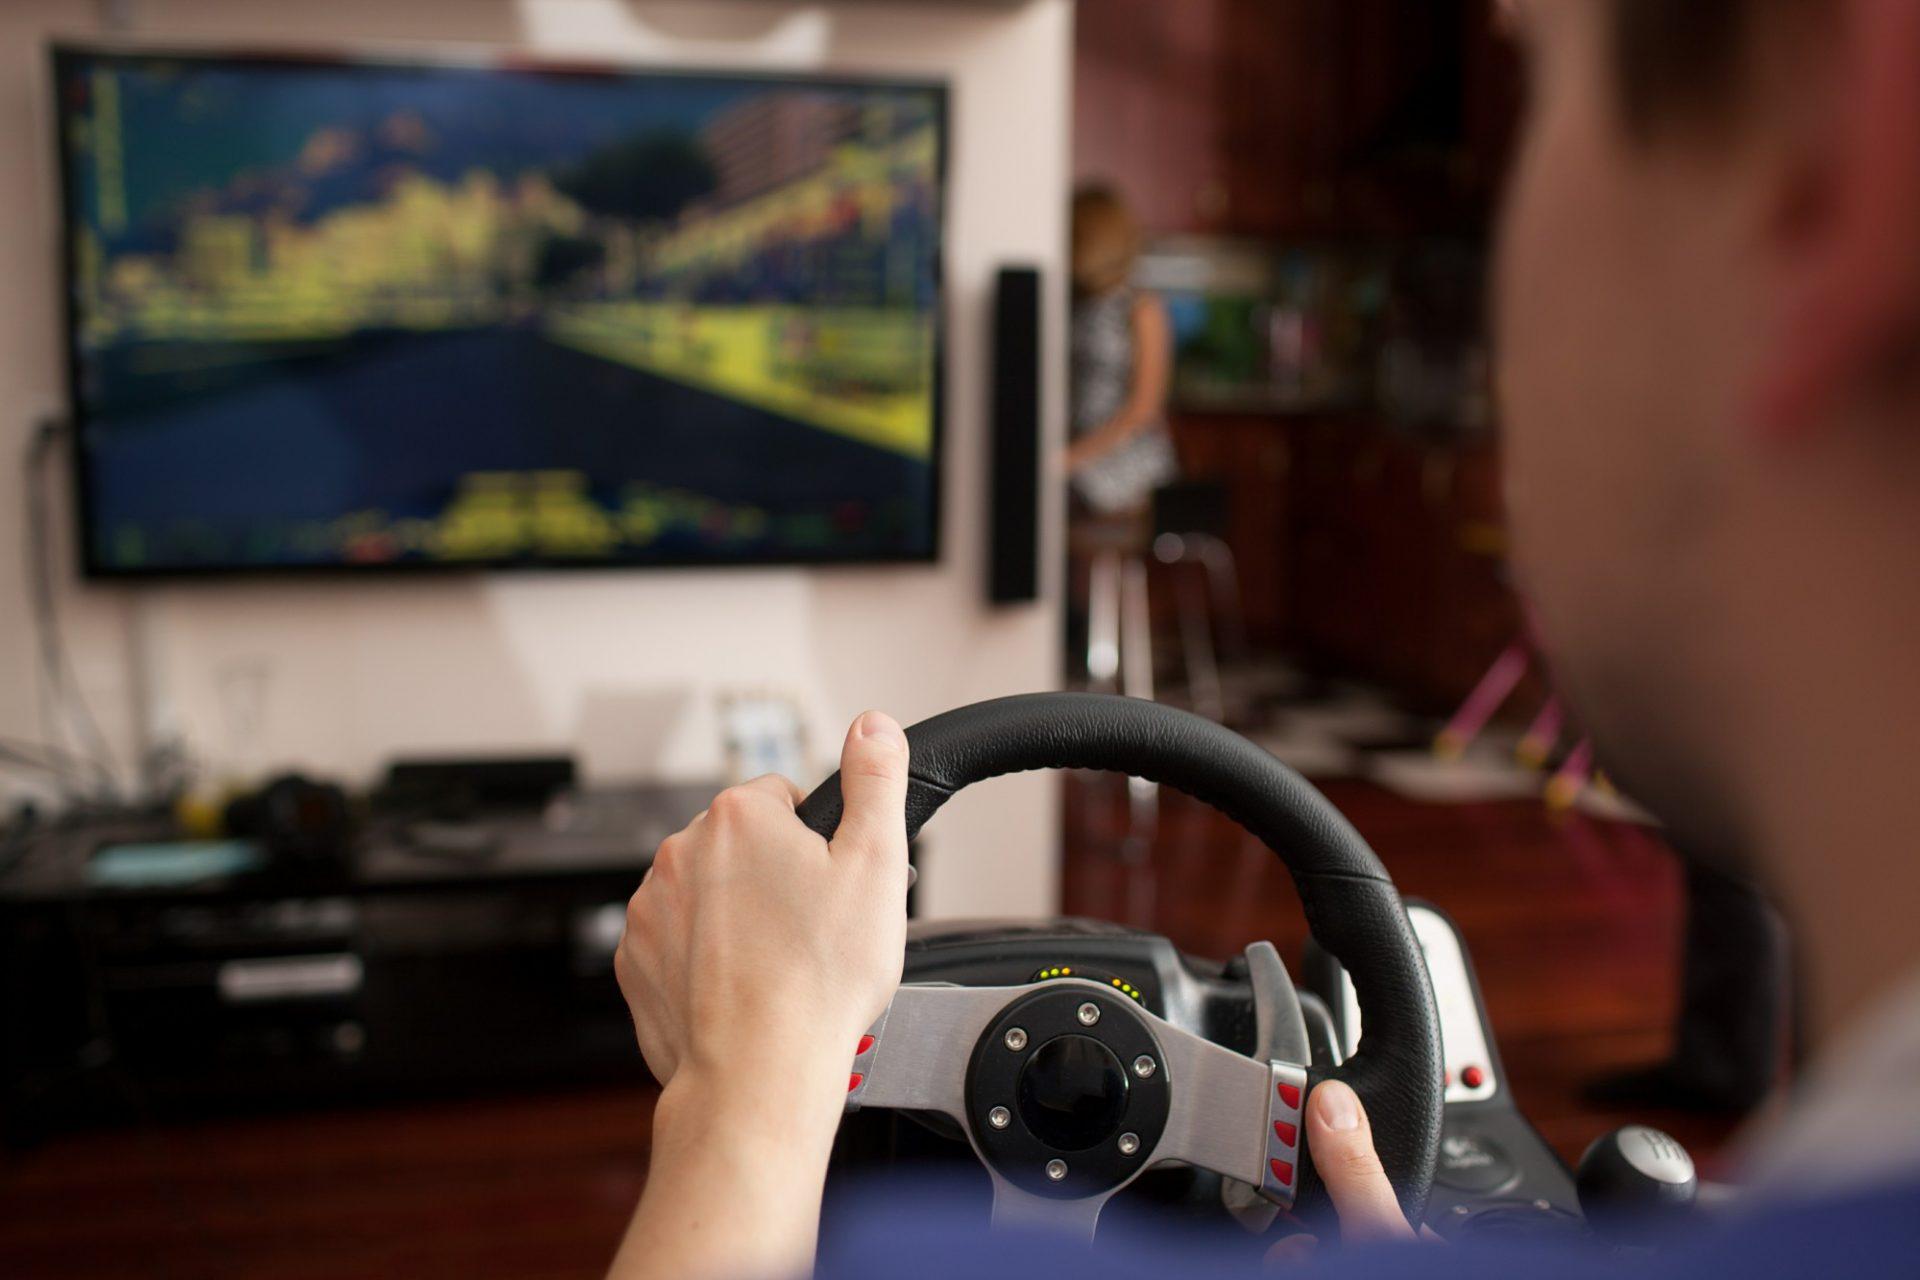 pcvsvideogame1a - Videogame ou PC para jogos: o que é melhor?